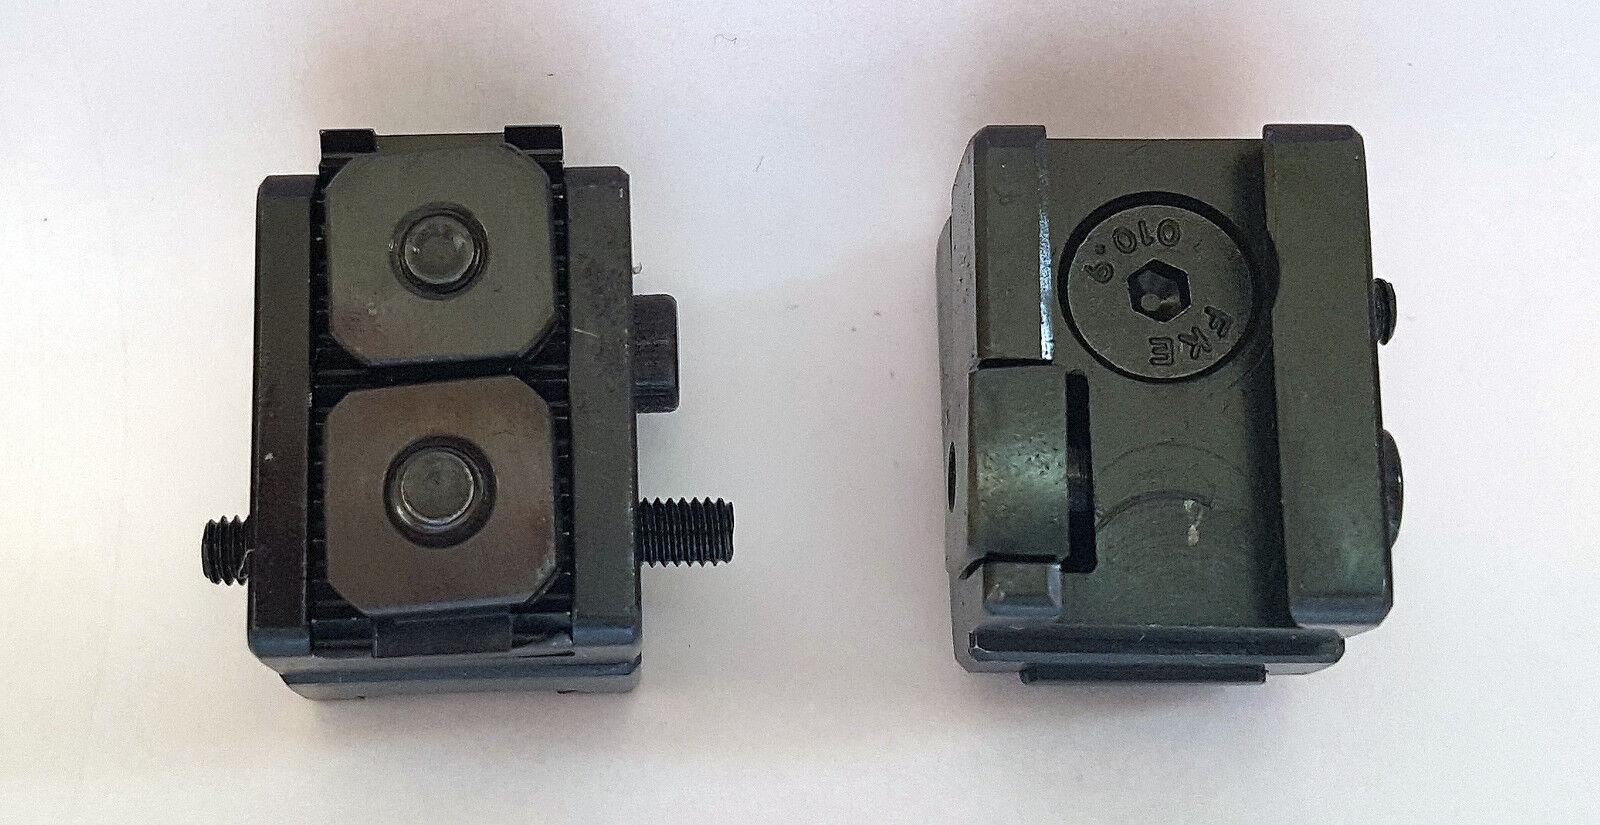 Montaje para Swarovski Rail Sr ZF con  interior ferroCocheril 11mm ferroCocheril  Nuevos productos de artículos novedosos.